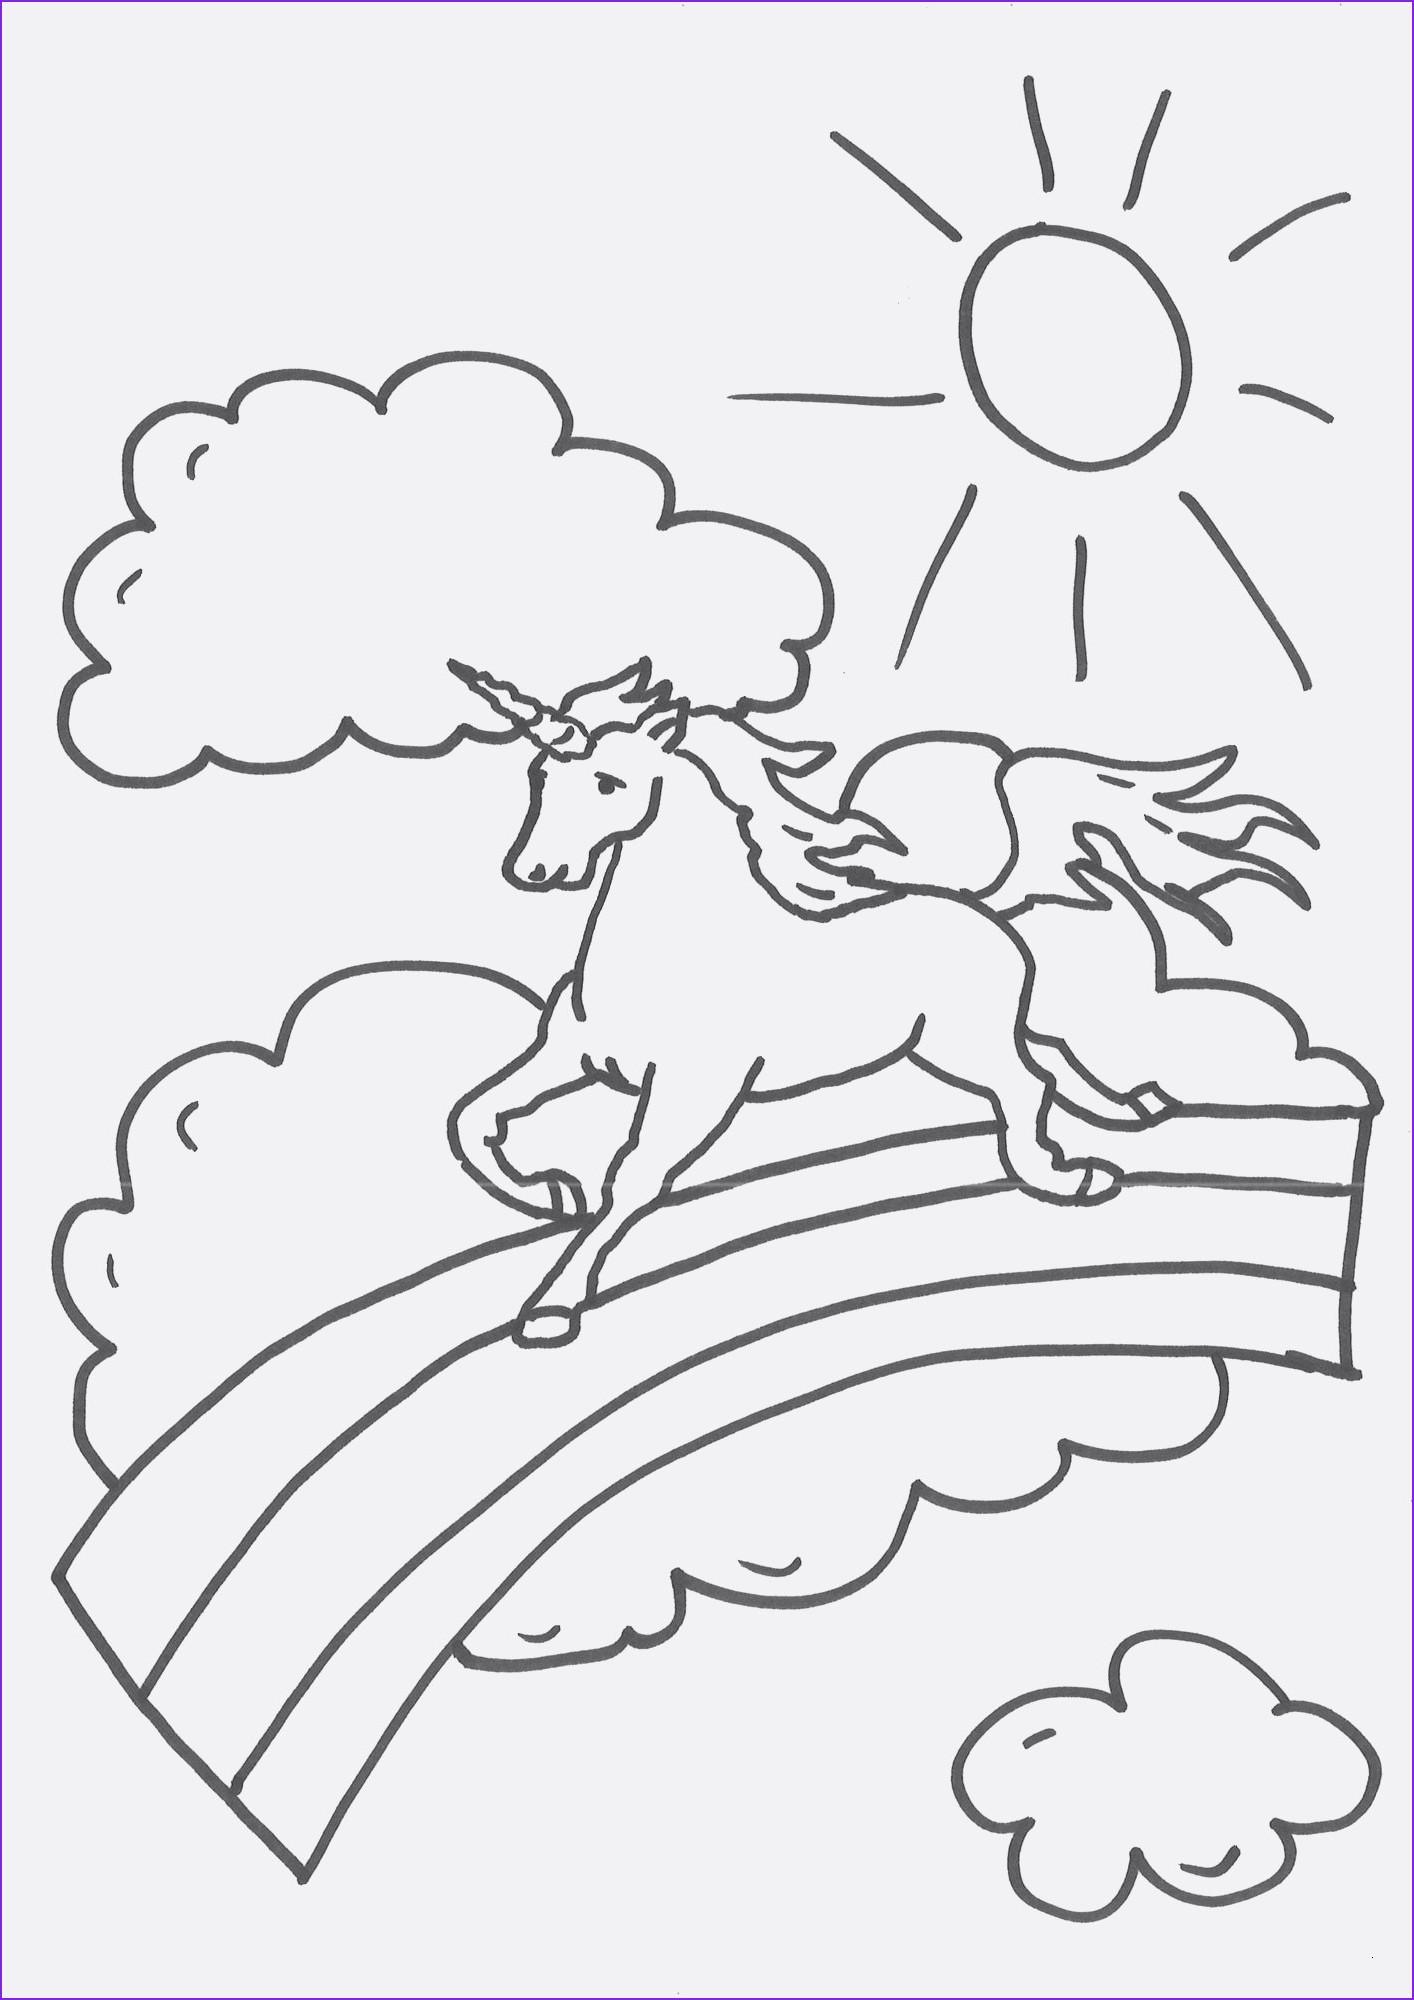 Hase Malen Vorlage Genial 34 Frisch Malvorlage Hase – Malvorlagen Ideen Das Bild